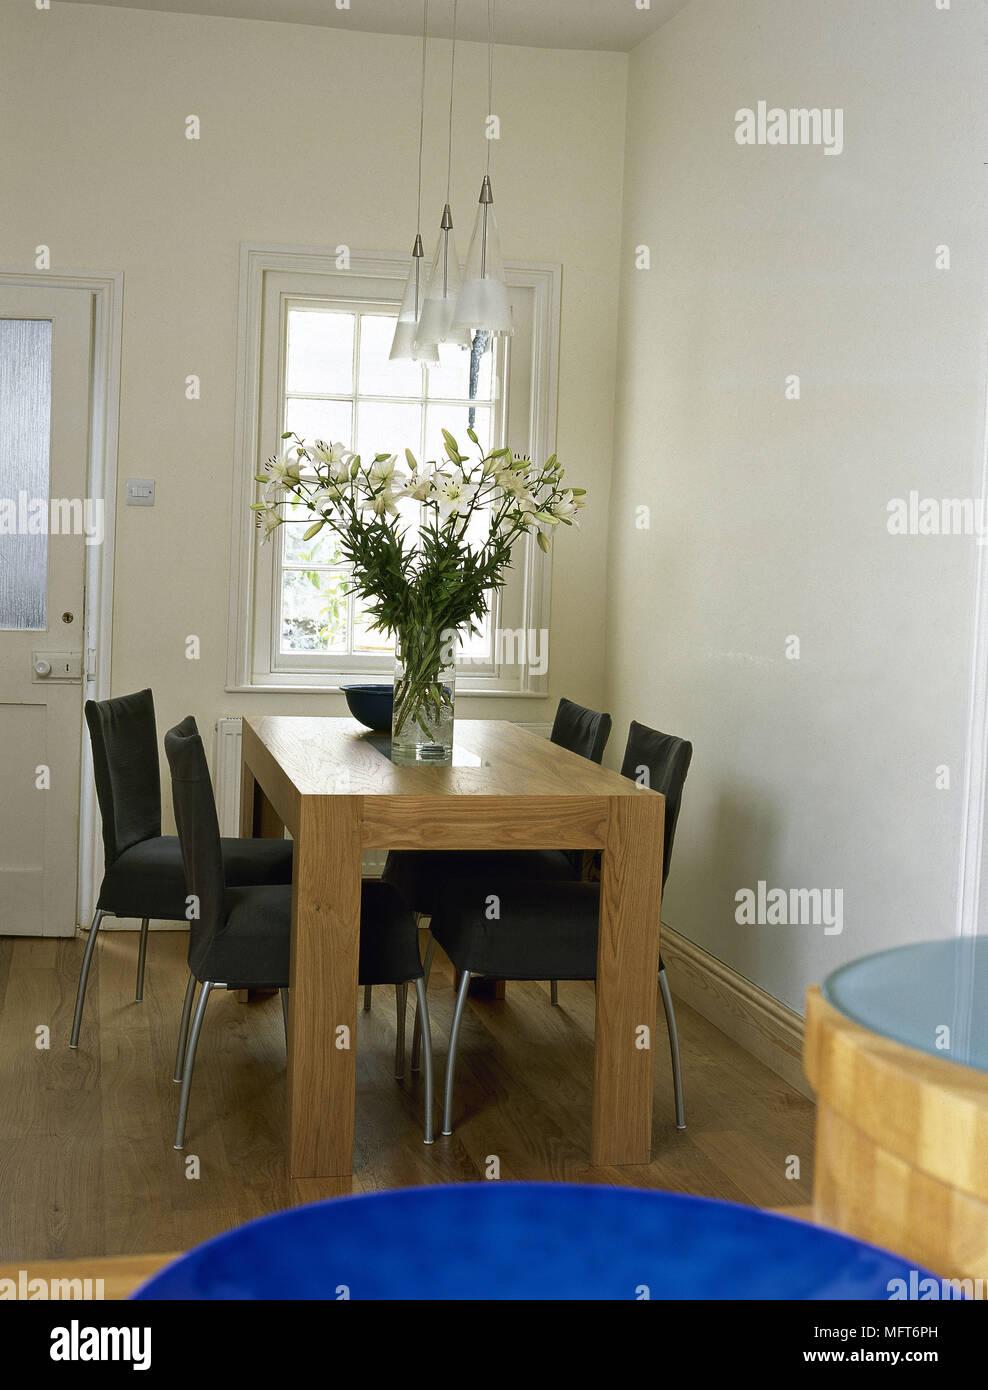 Moderne Küche Essbereich Holz Tisch Stühle Interieur Küchen Zimmer ...